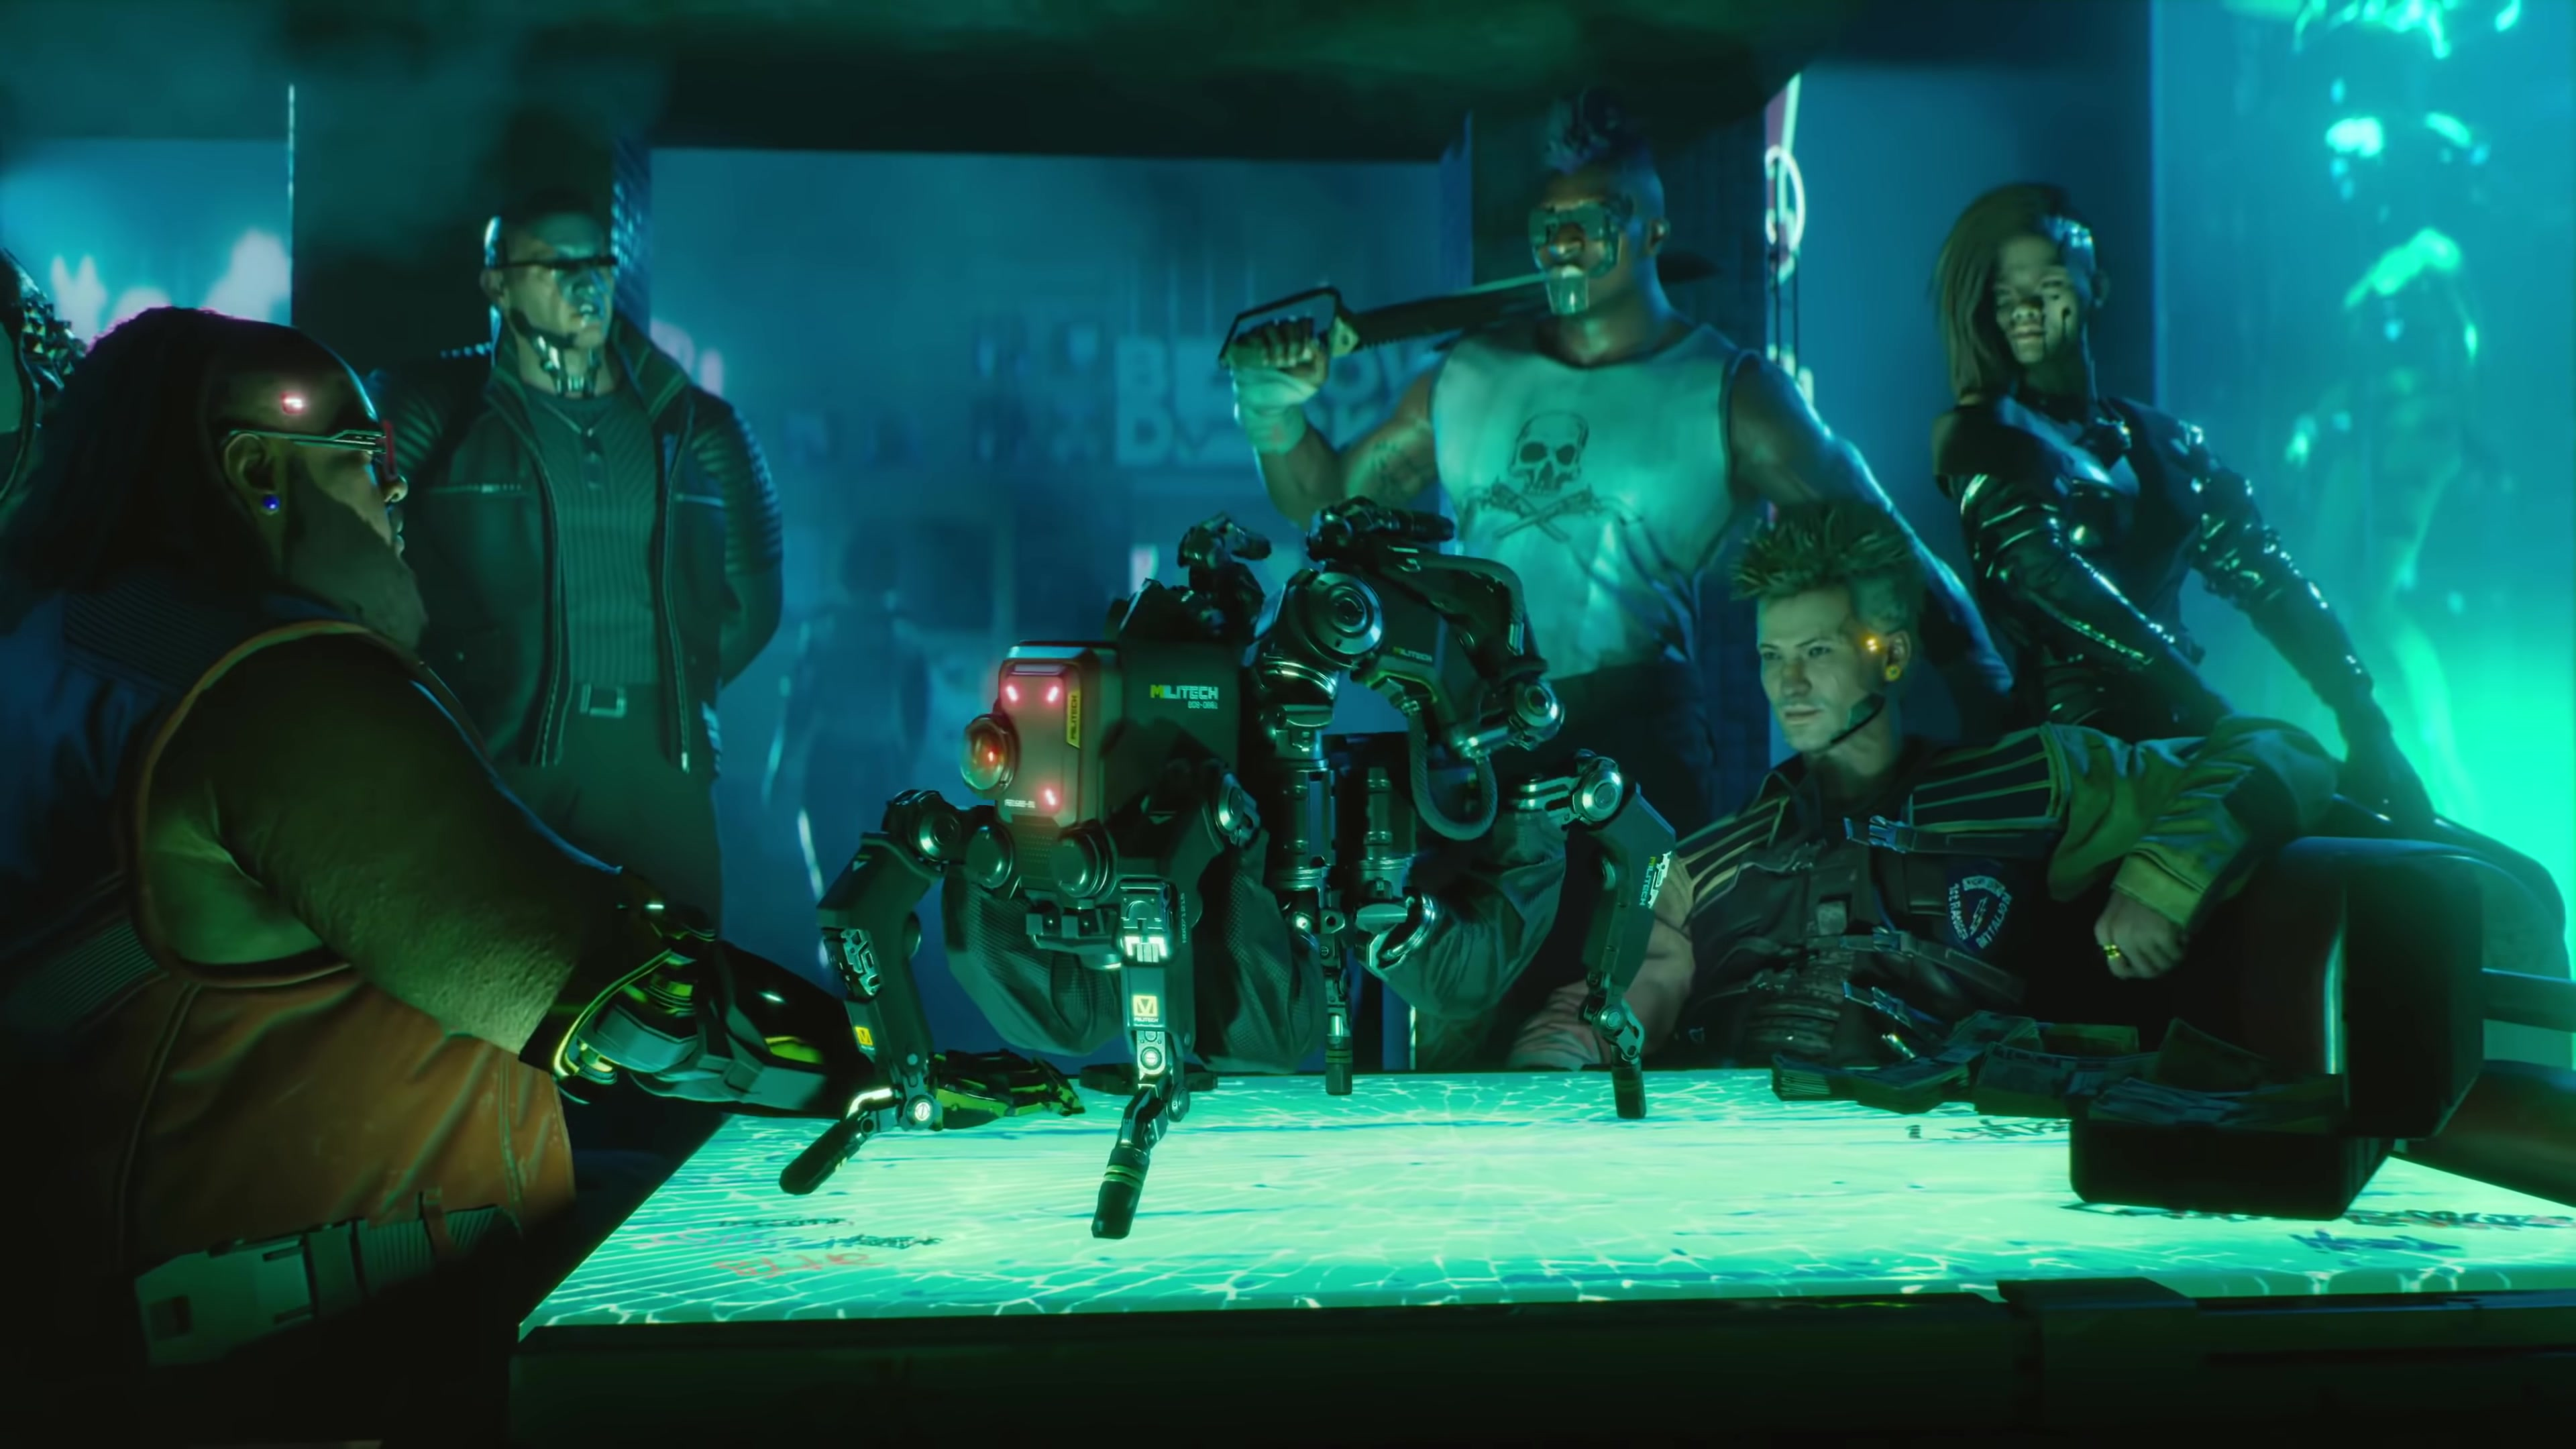 Cyberpunk 2077 062.jpg - Cyberpunk 2077